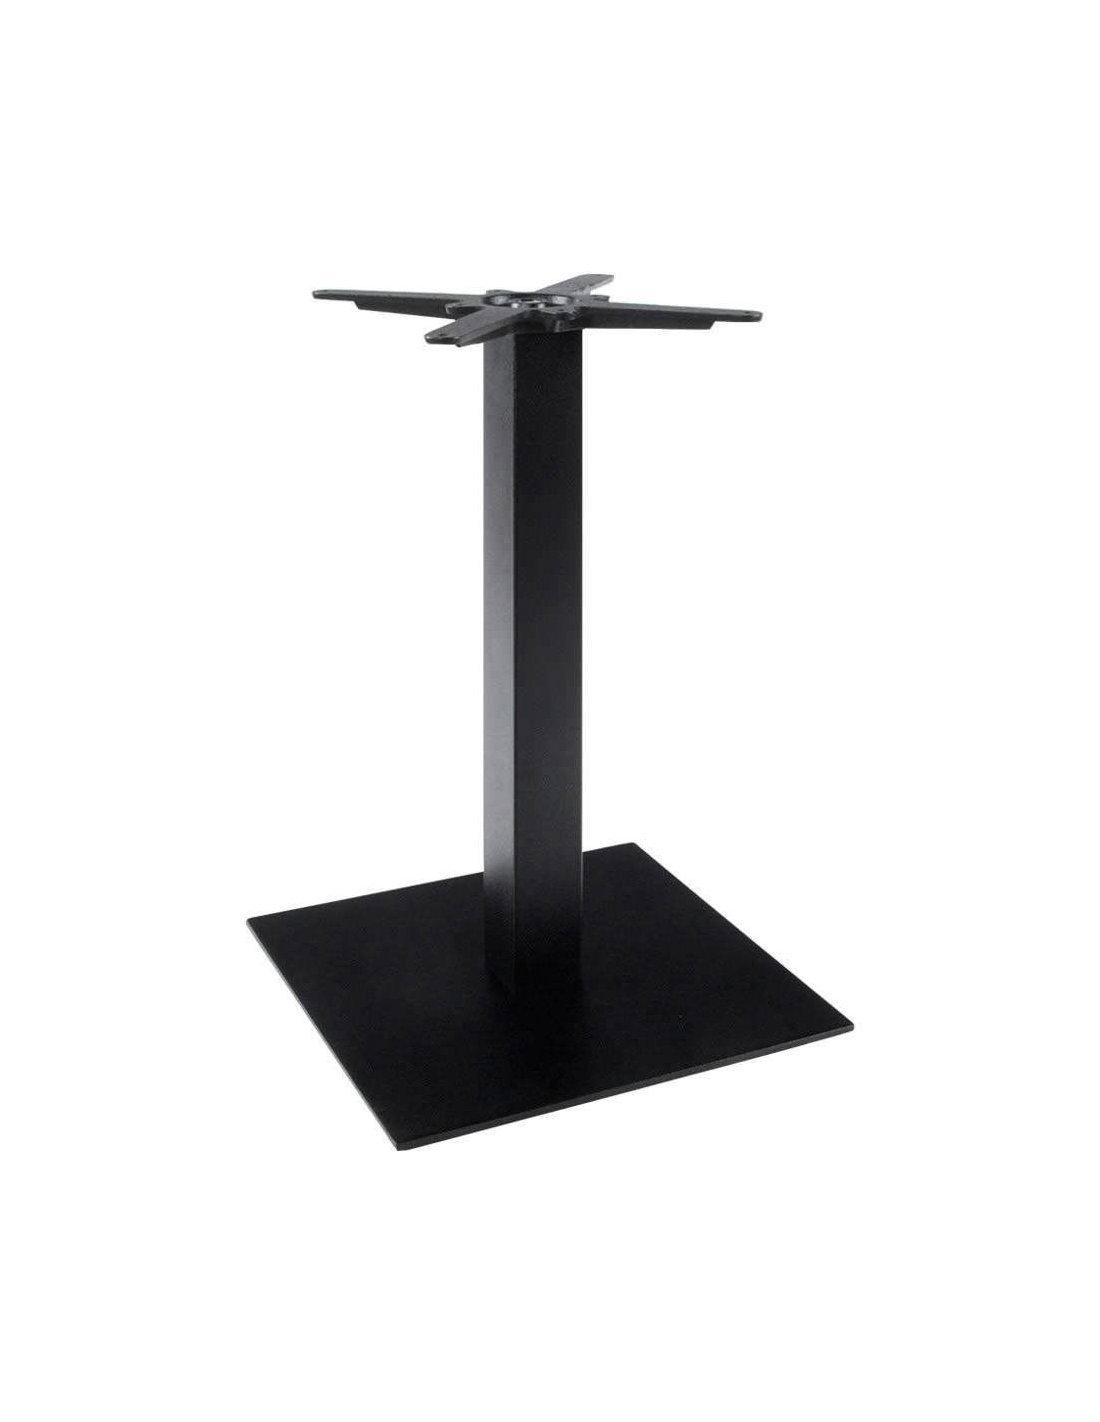 pied de table sans plateau 75cm kokoon design 139 51 chez recol. Black Bedroom Furniture Sets. Home Design Ideas